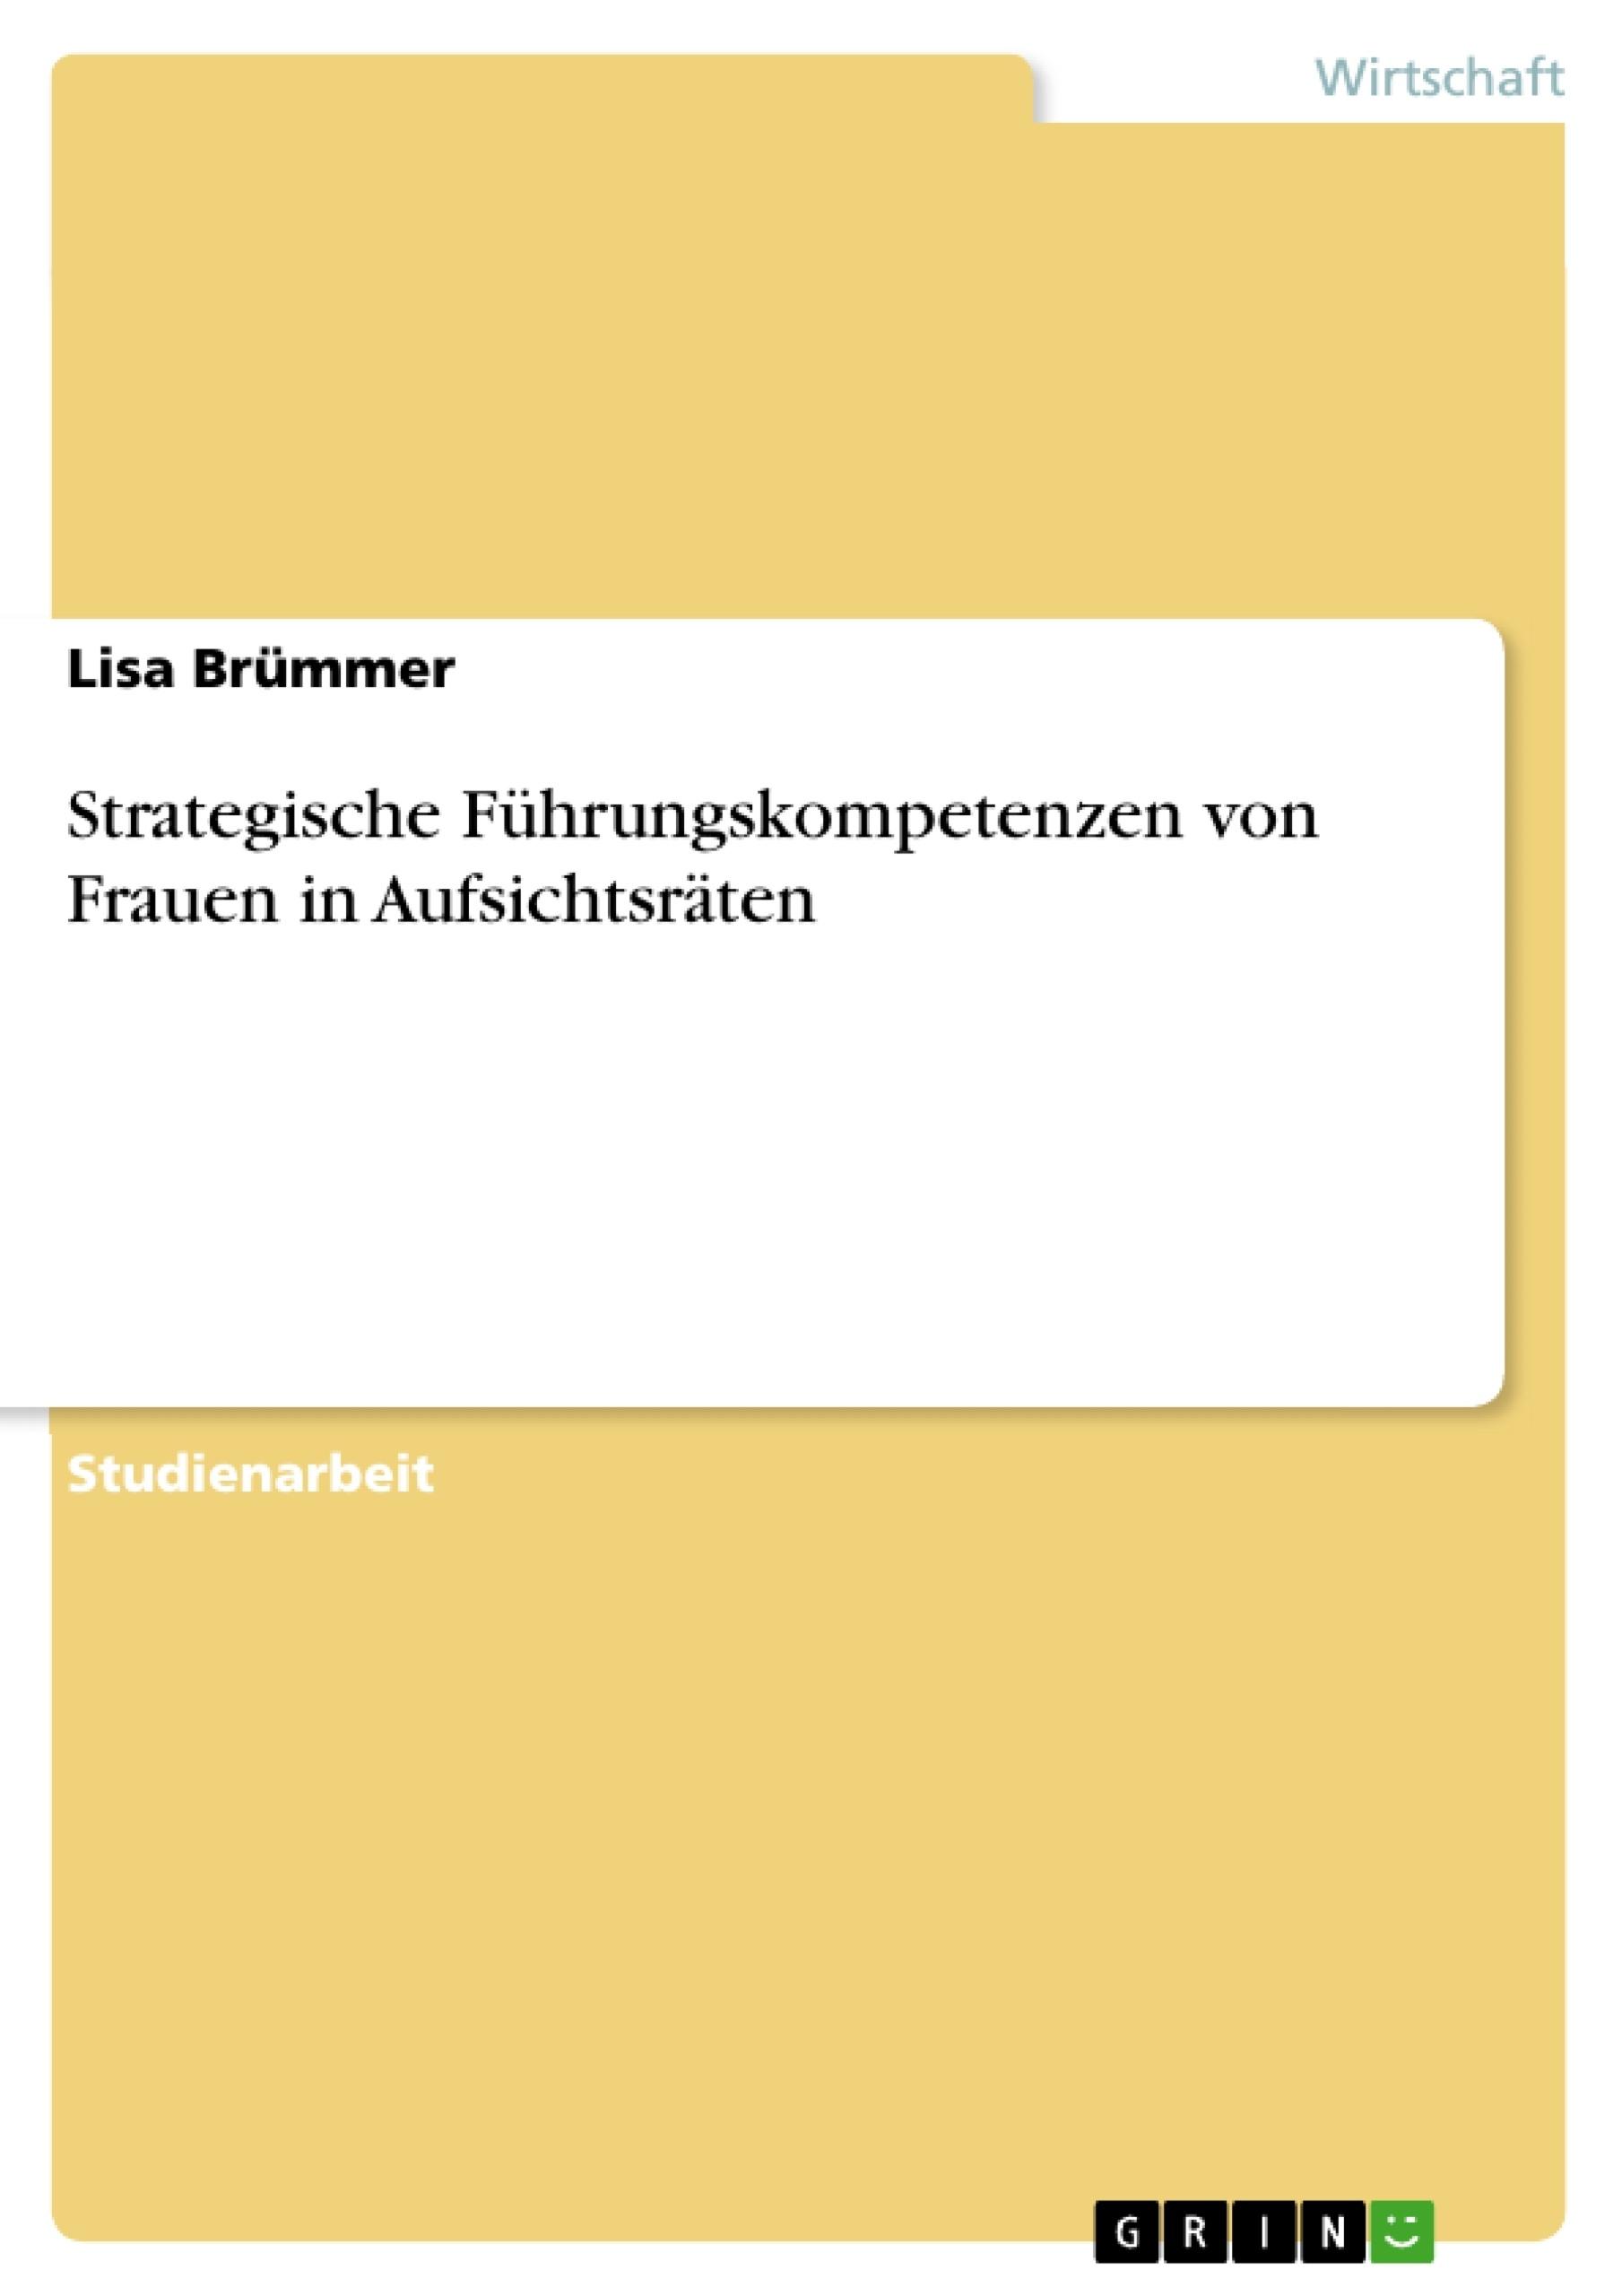 Titel: Strategische Führungskompetenzen von Frauen in Aufsichtsräten